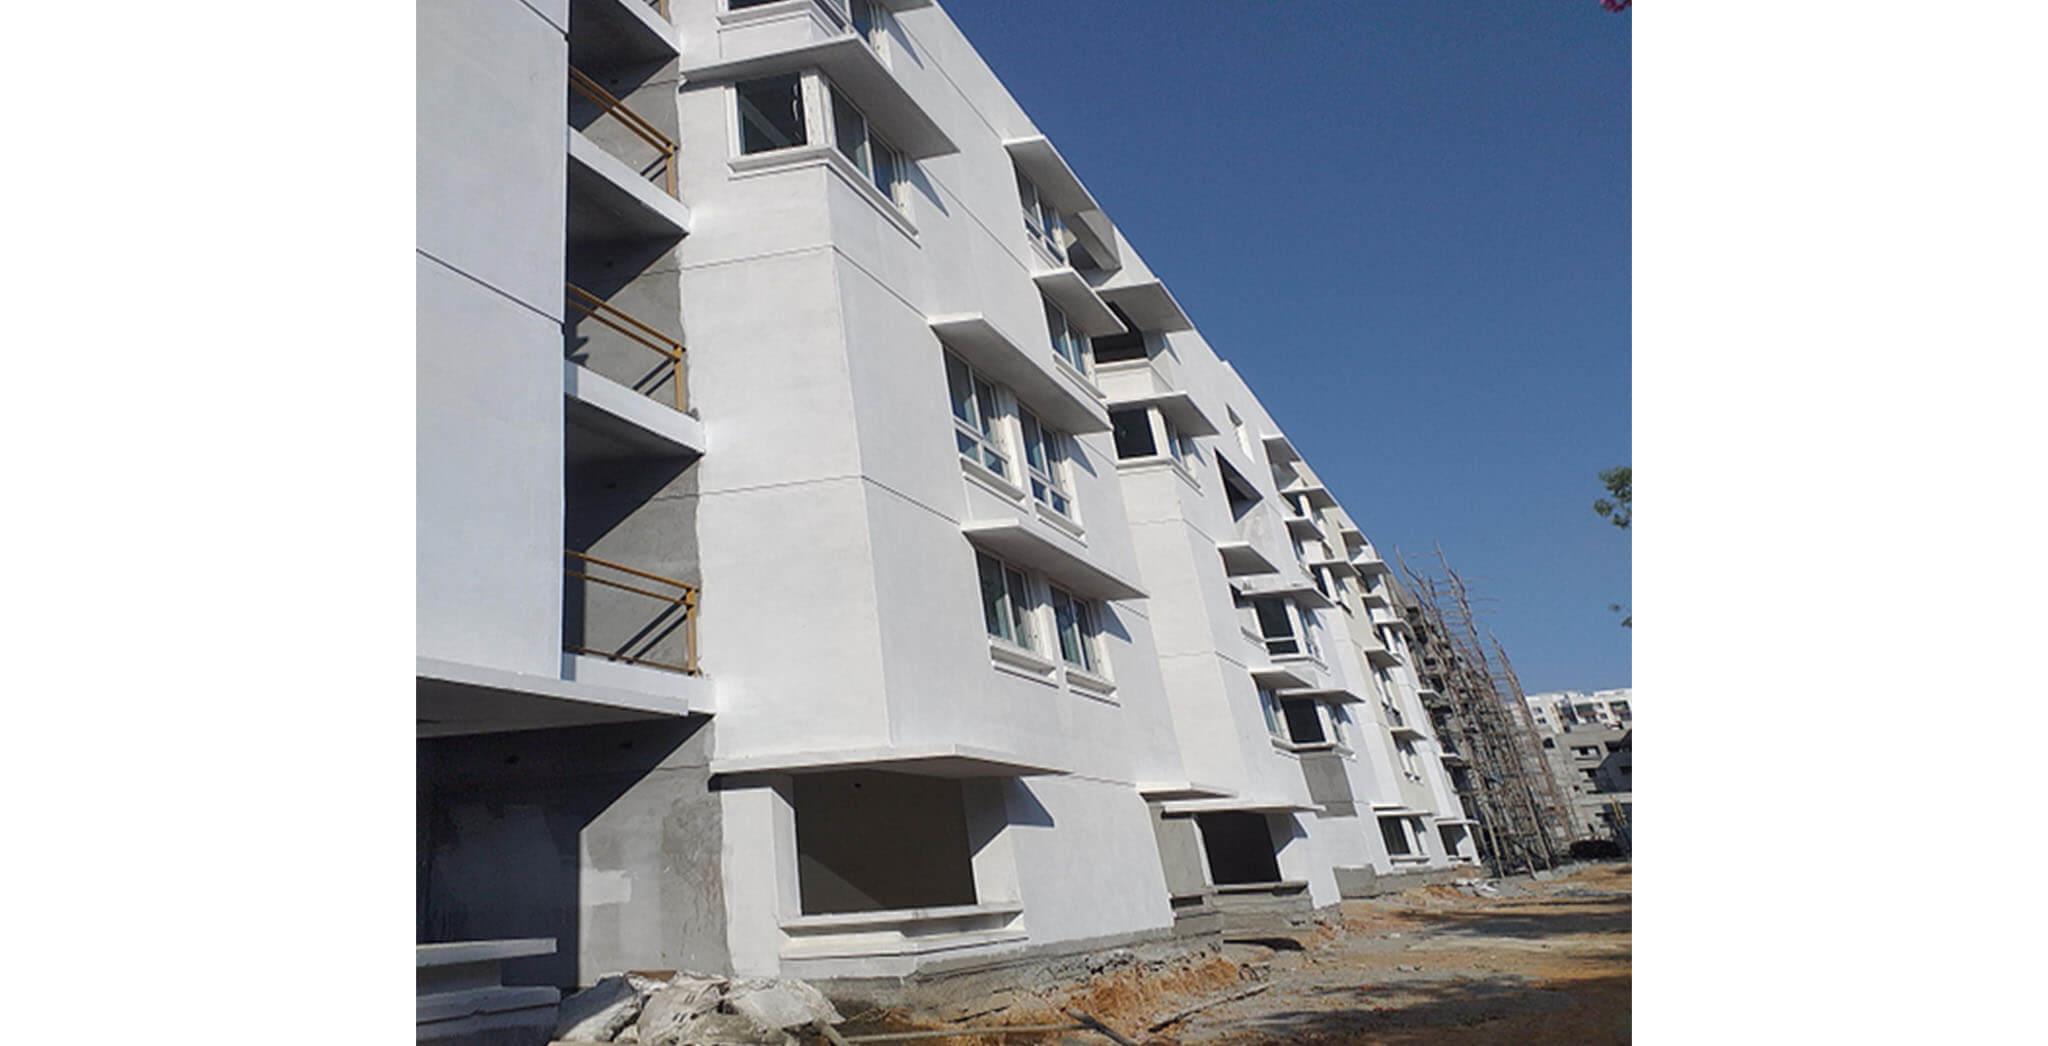 Feb 2021 - South side view: K & L Blocks—South side external wall Primer work-in-progress